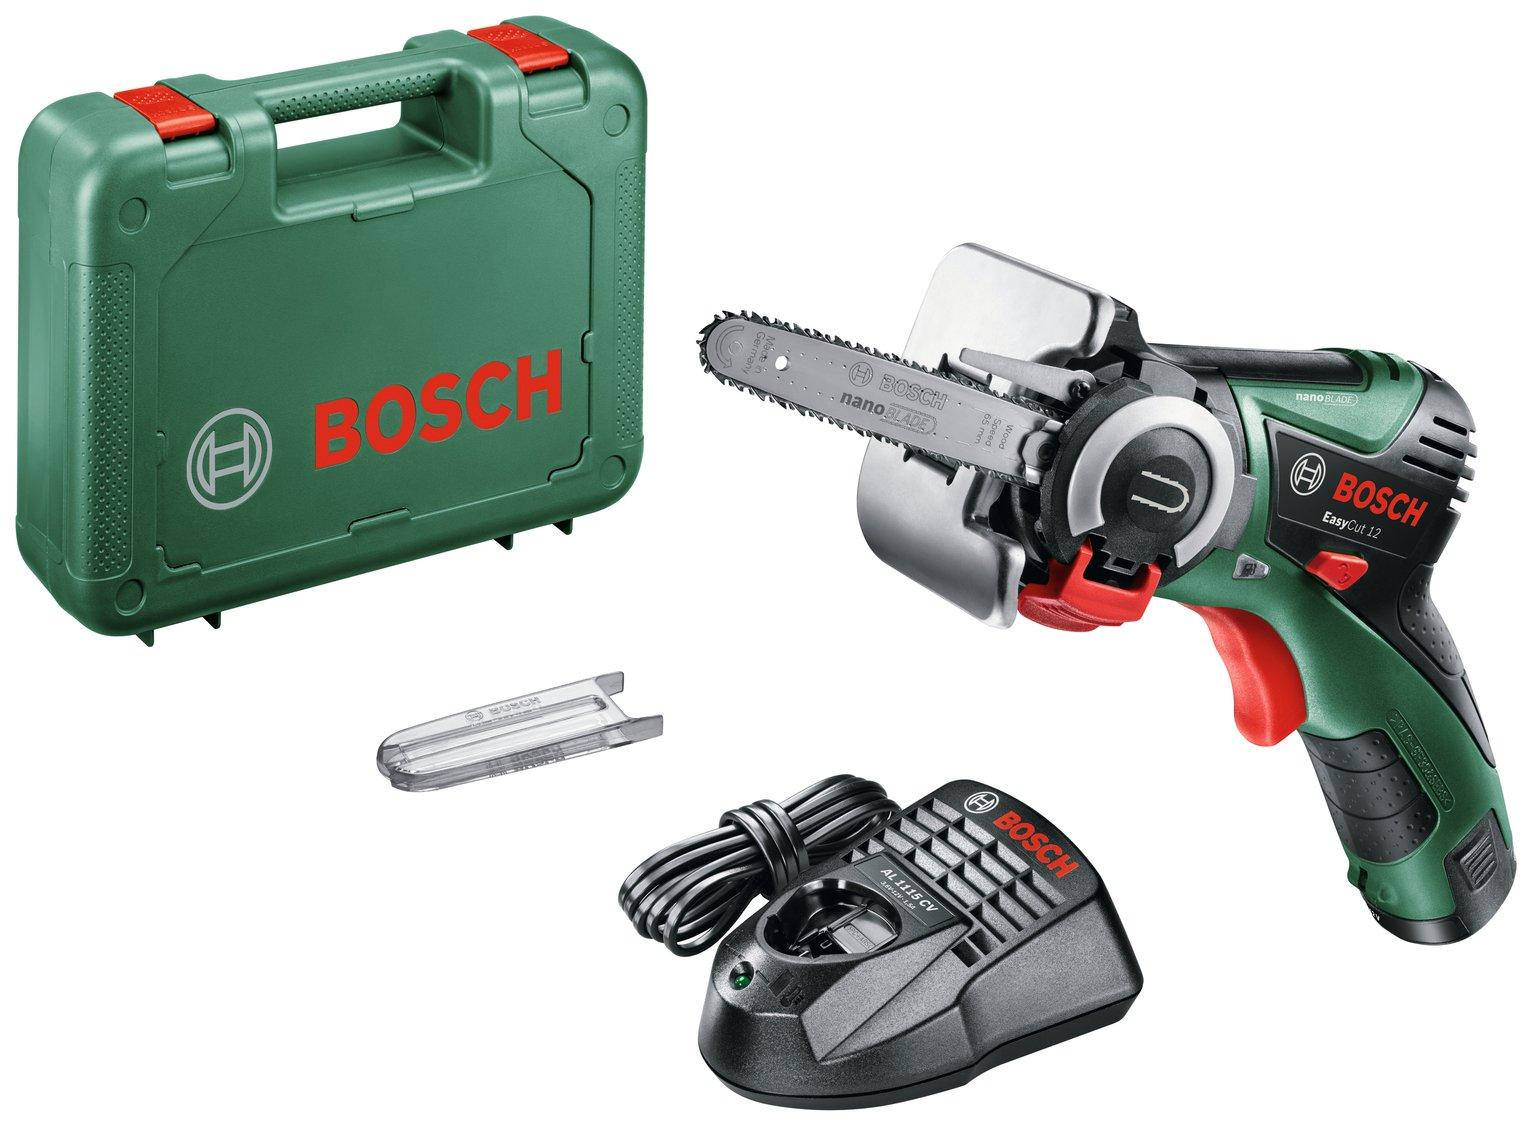 Bosch EasyCut 12 Cordless Garden Saw - 12V